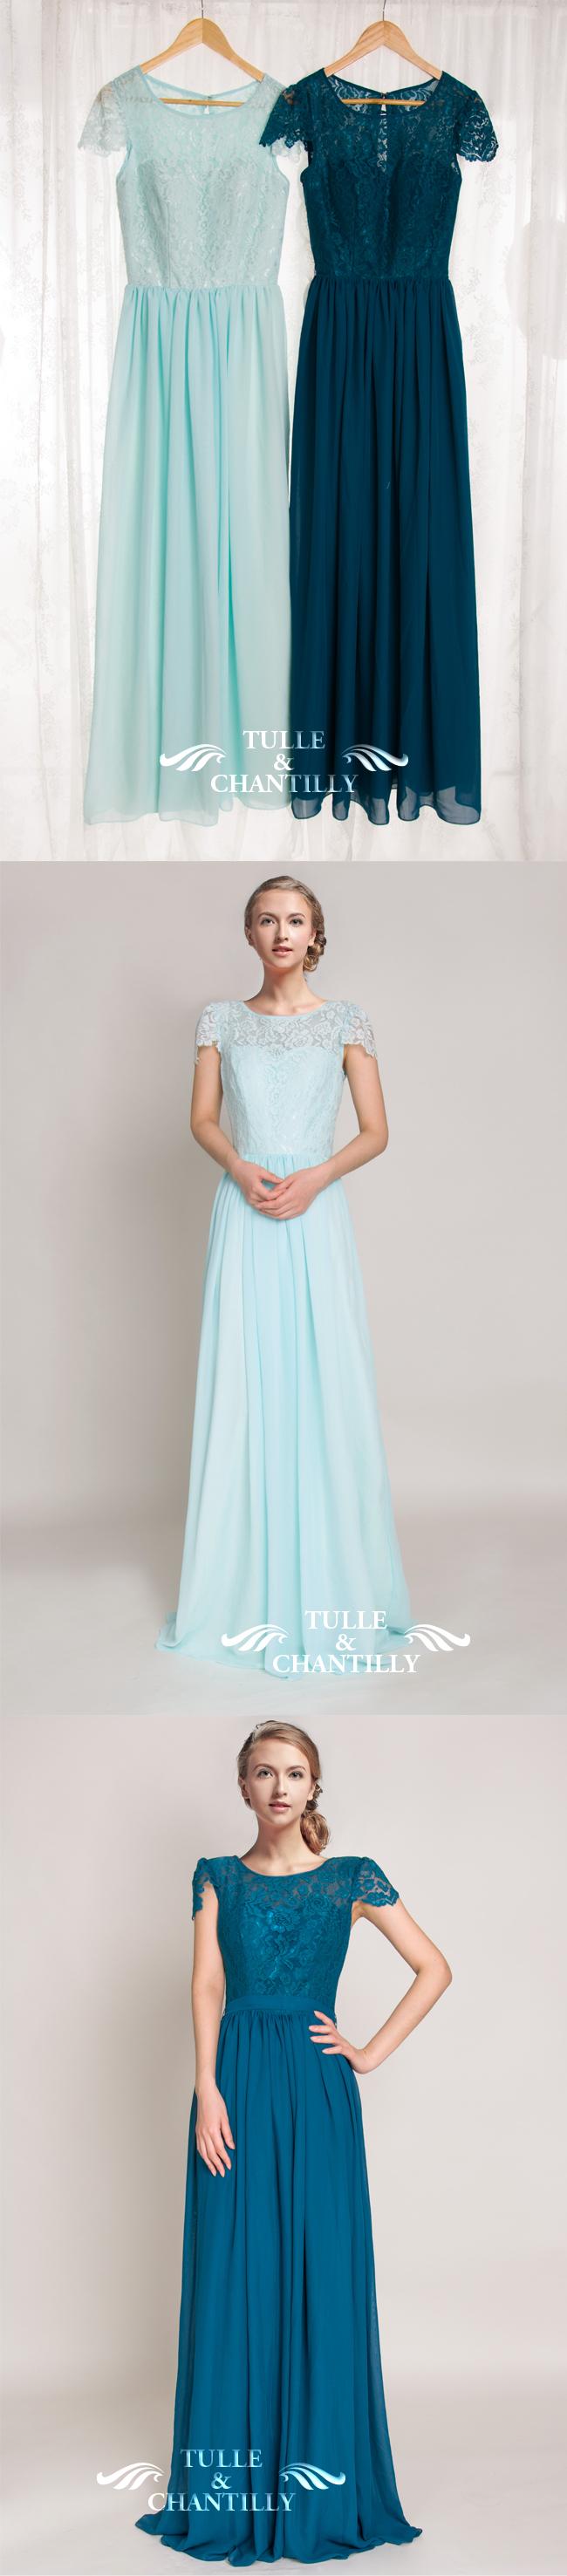 Light Teal Bridesmaid Dresses Sleeves